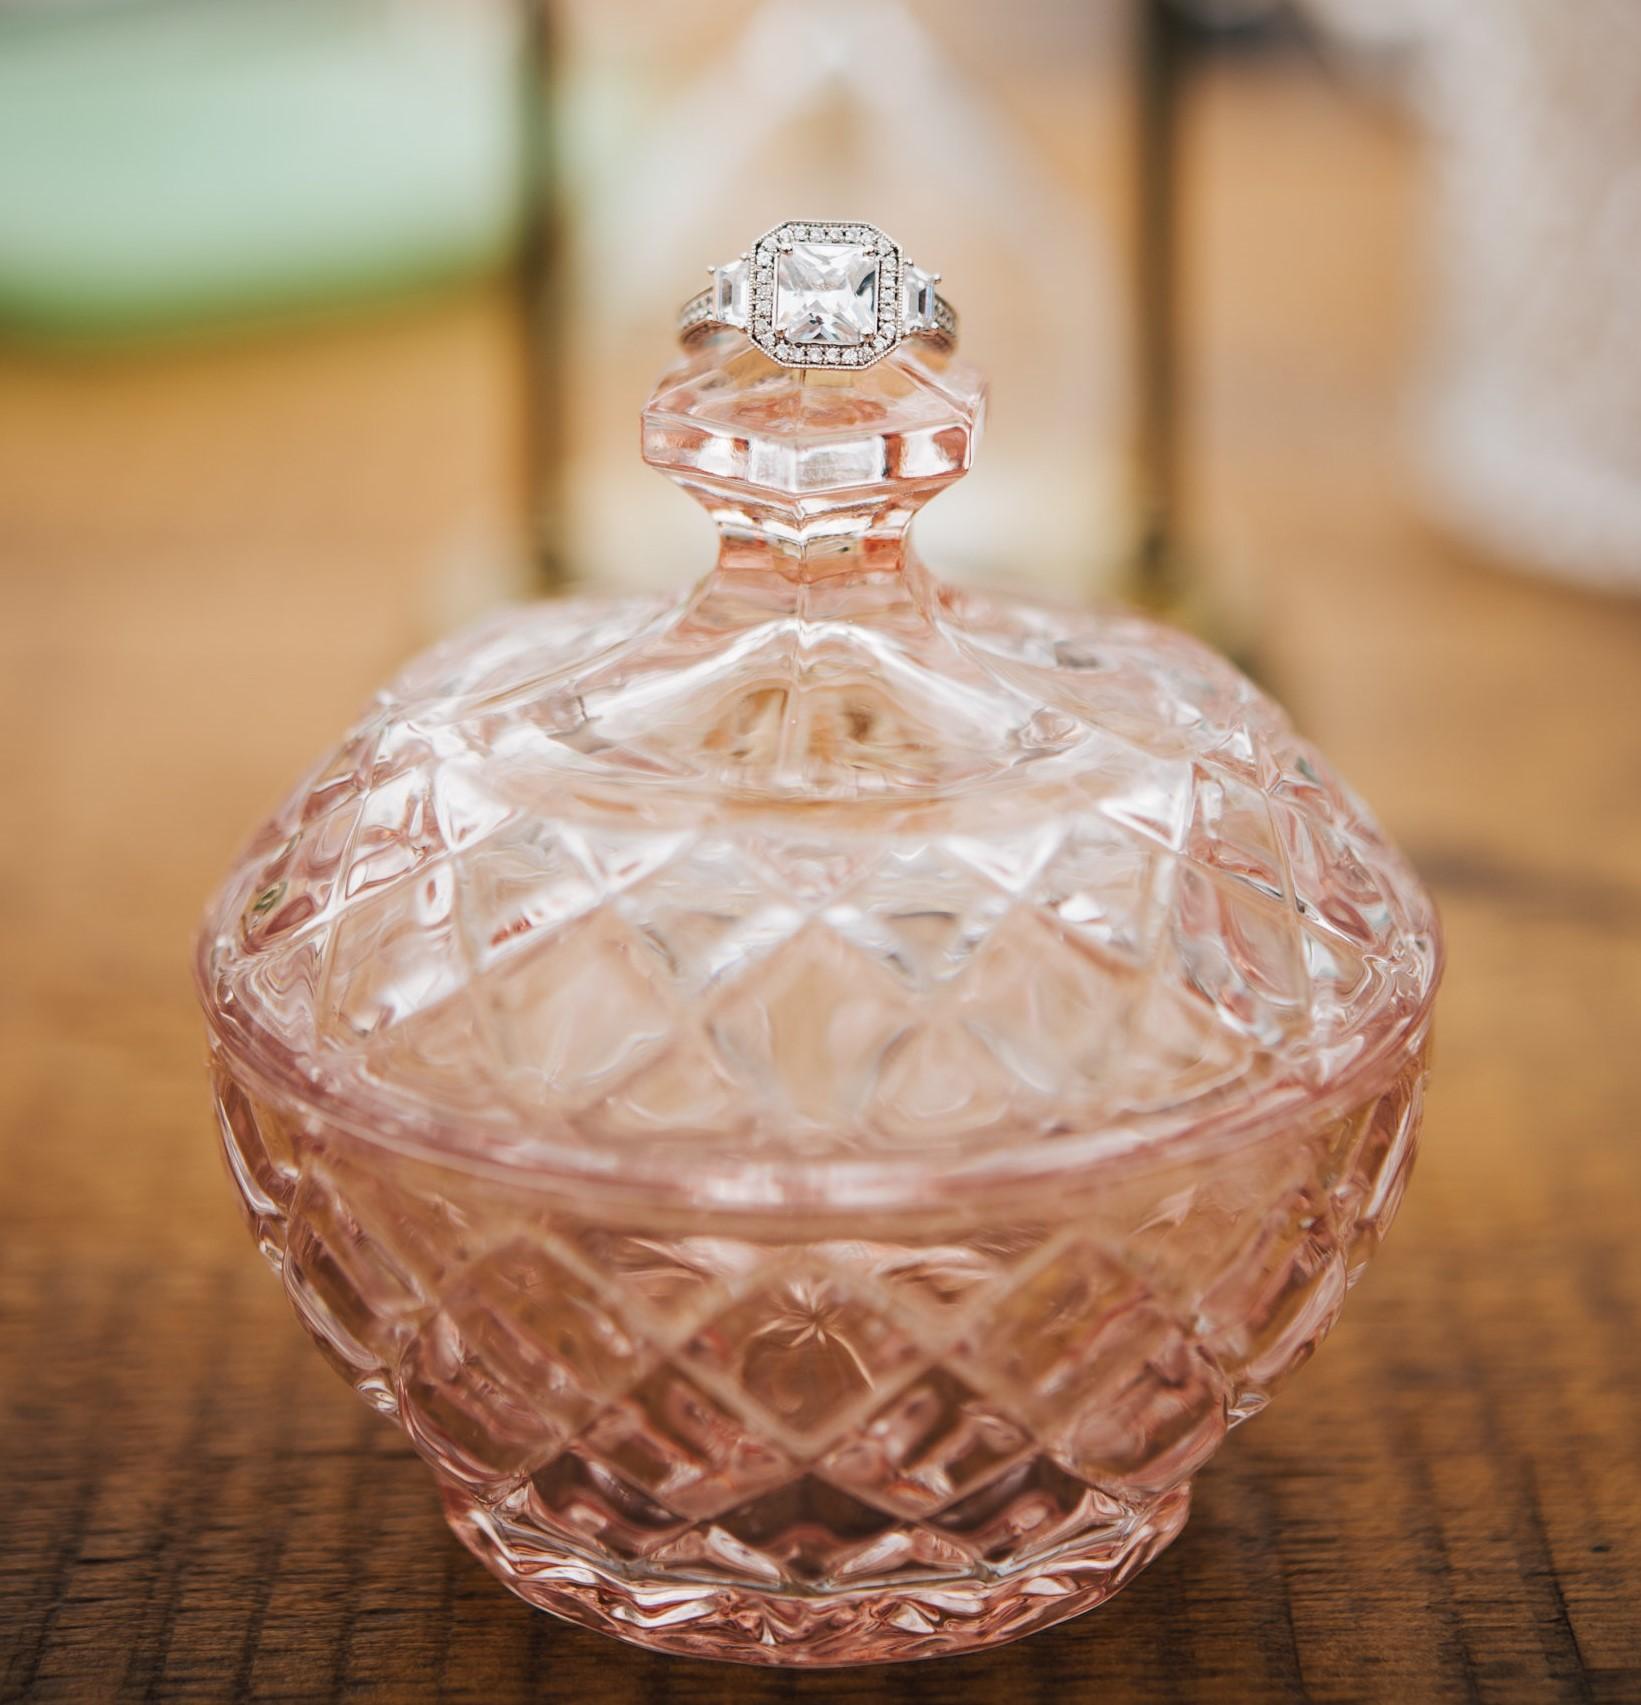 Ring photo prop Vintage wedding pink gla